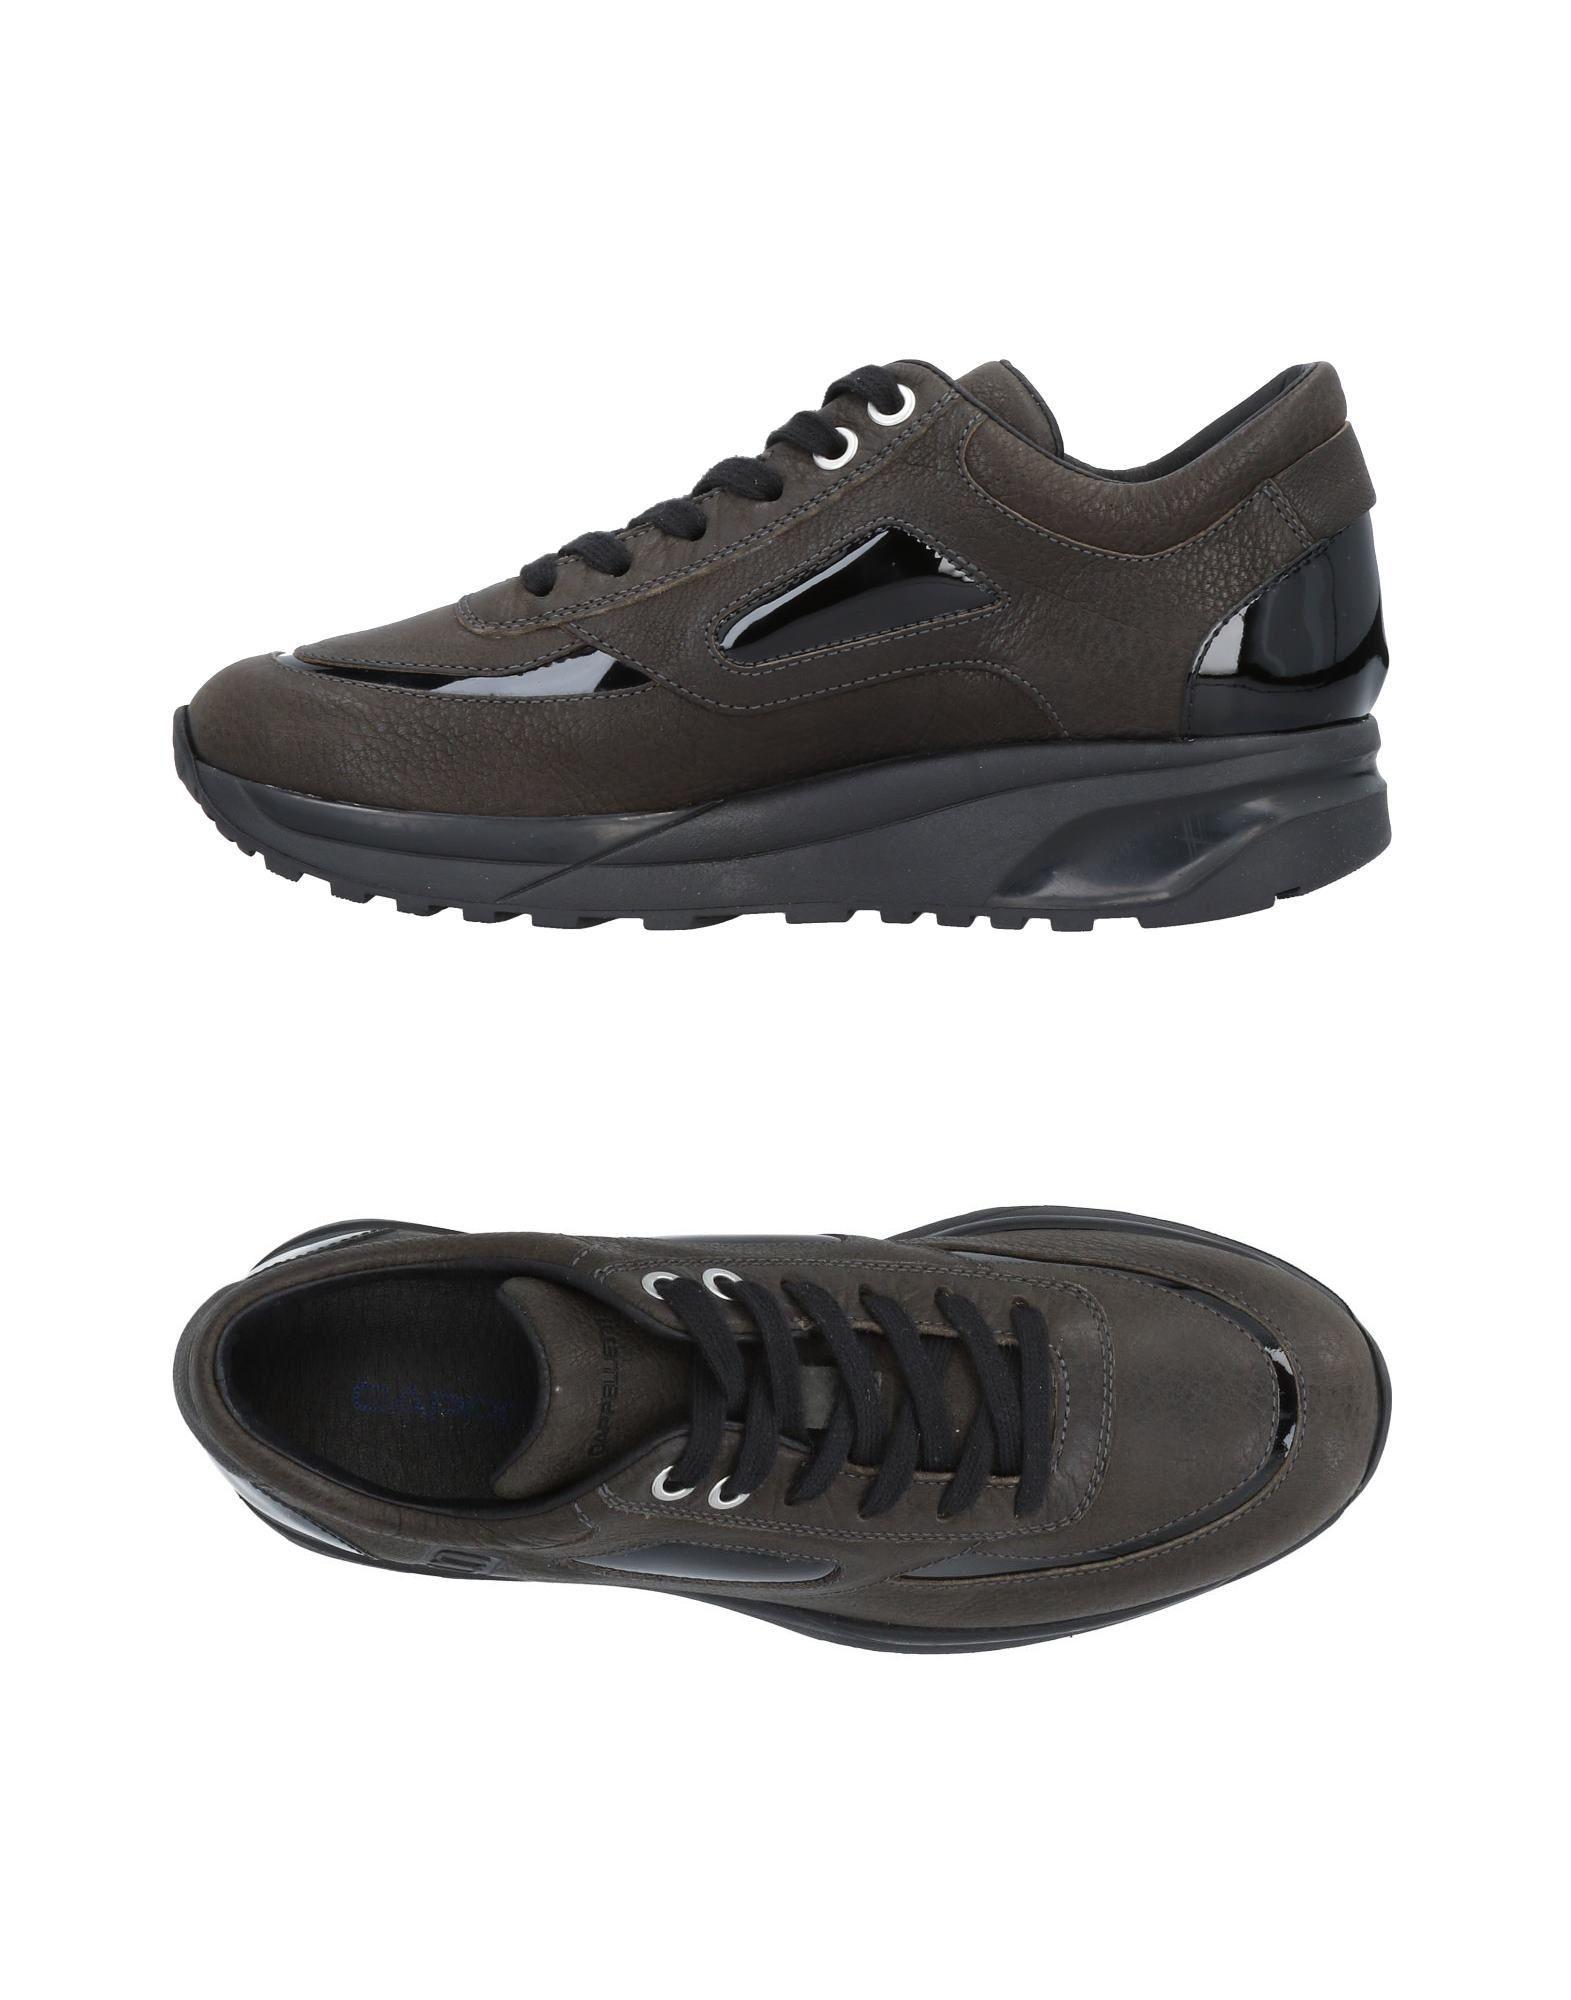 CAPPELLETTI Sneakers in Steel Grey